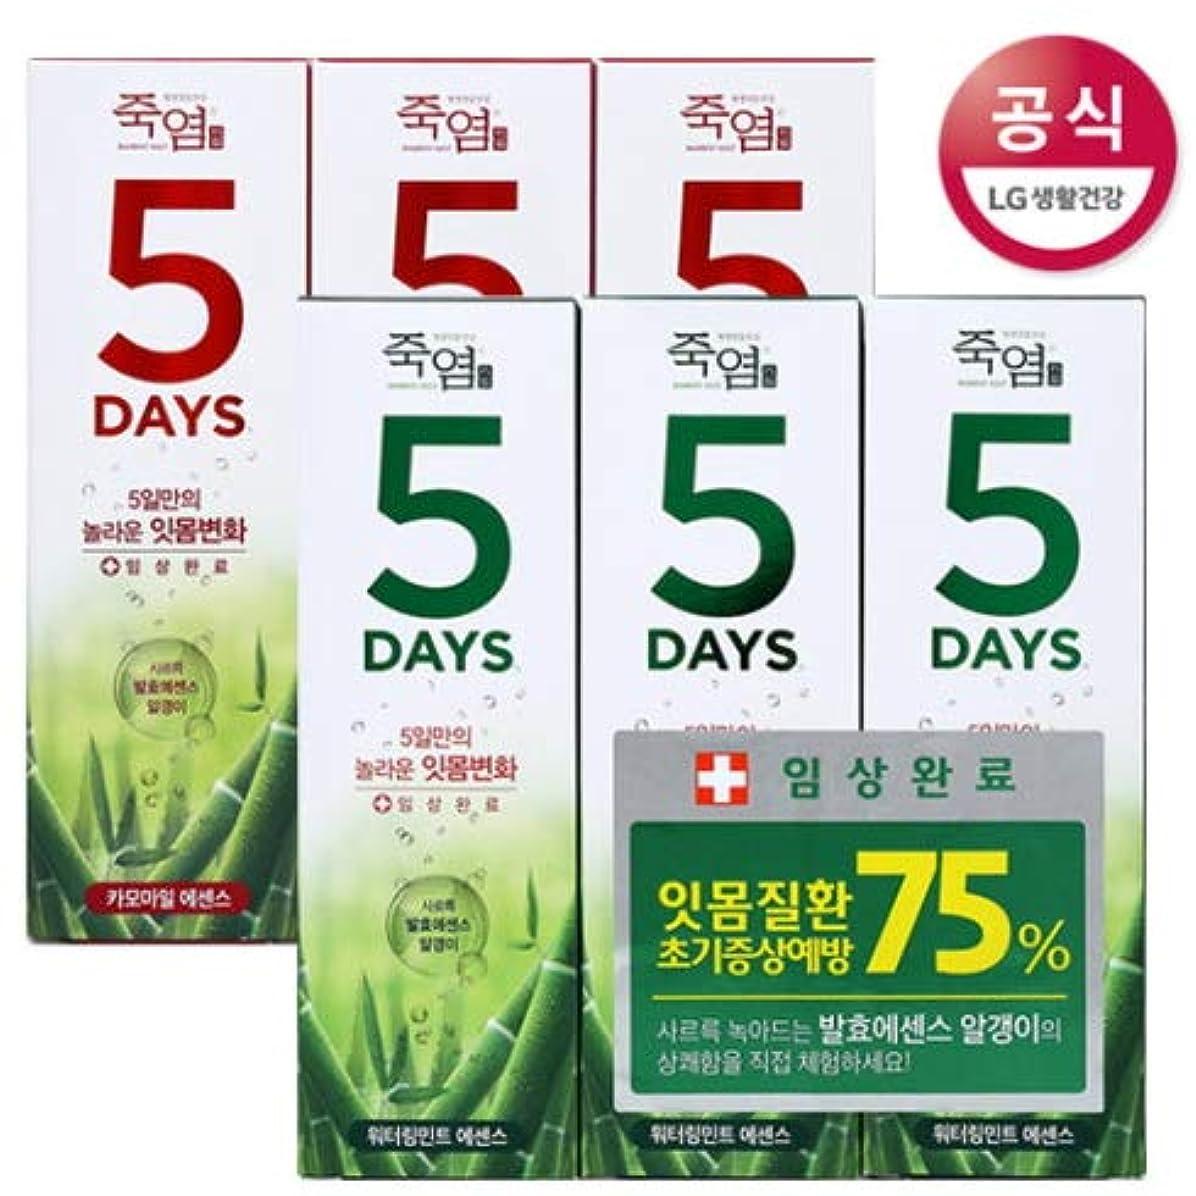 ゲージ治安判事モザイク[LG HnB] Bamboo Salt 5days Toothpaste /竹塩5days歯磨き粉 100gx6個(海外直送品)